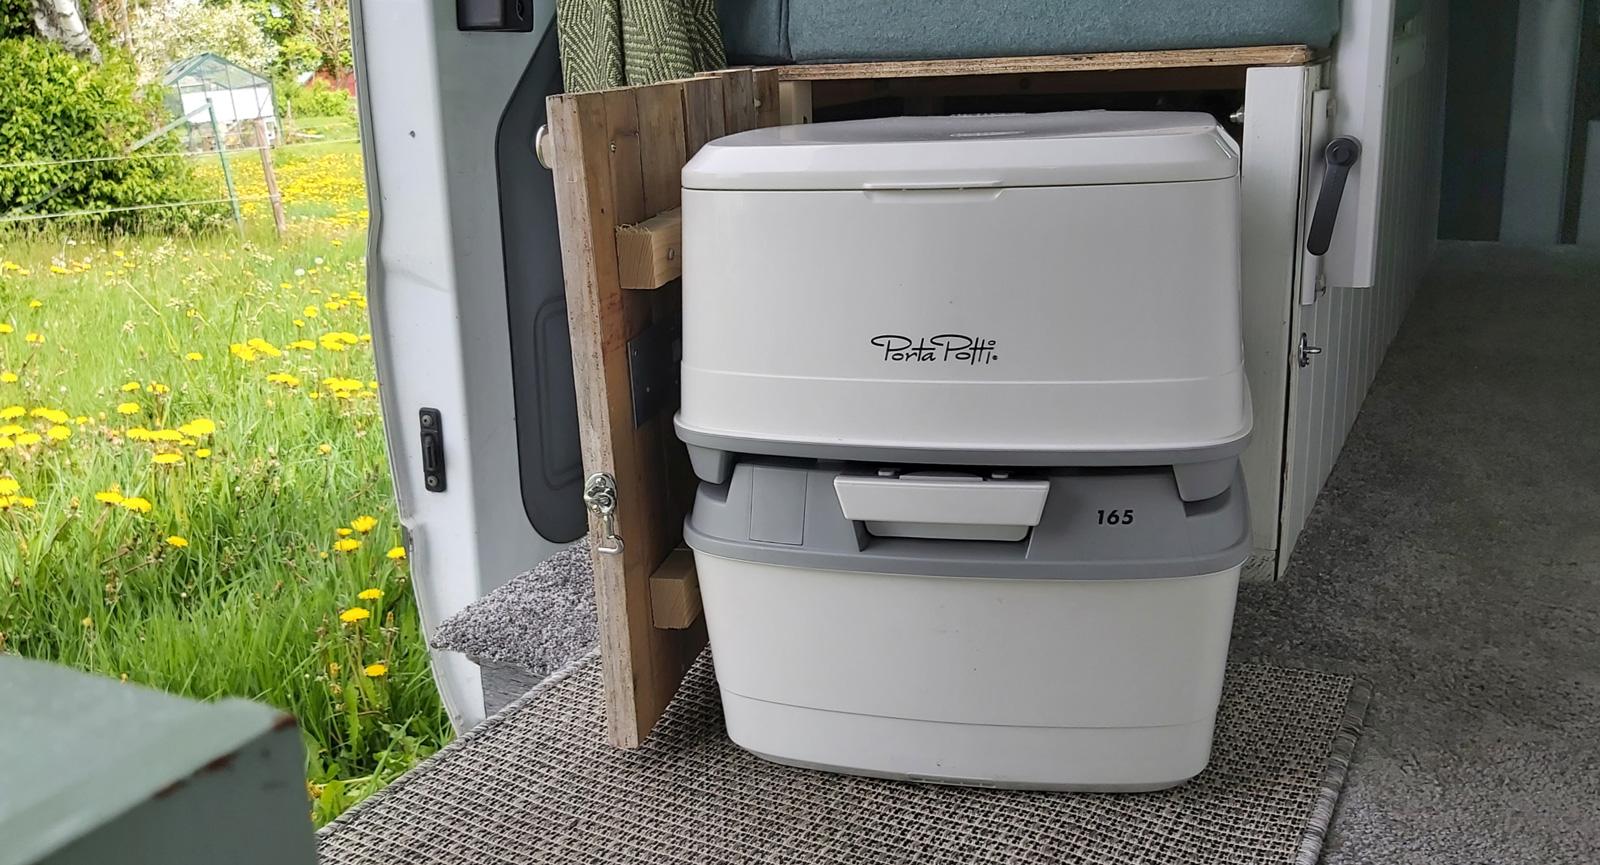 Ena soffans gavel har en lucka där en toalett enkelt kan stuvas undan.